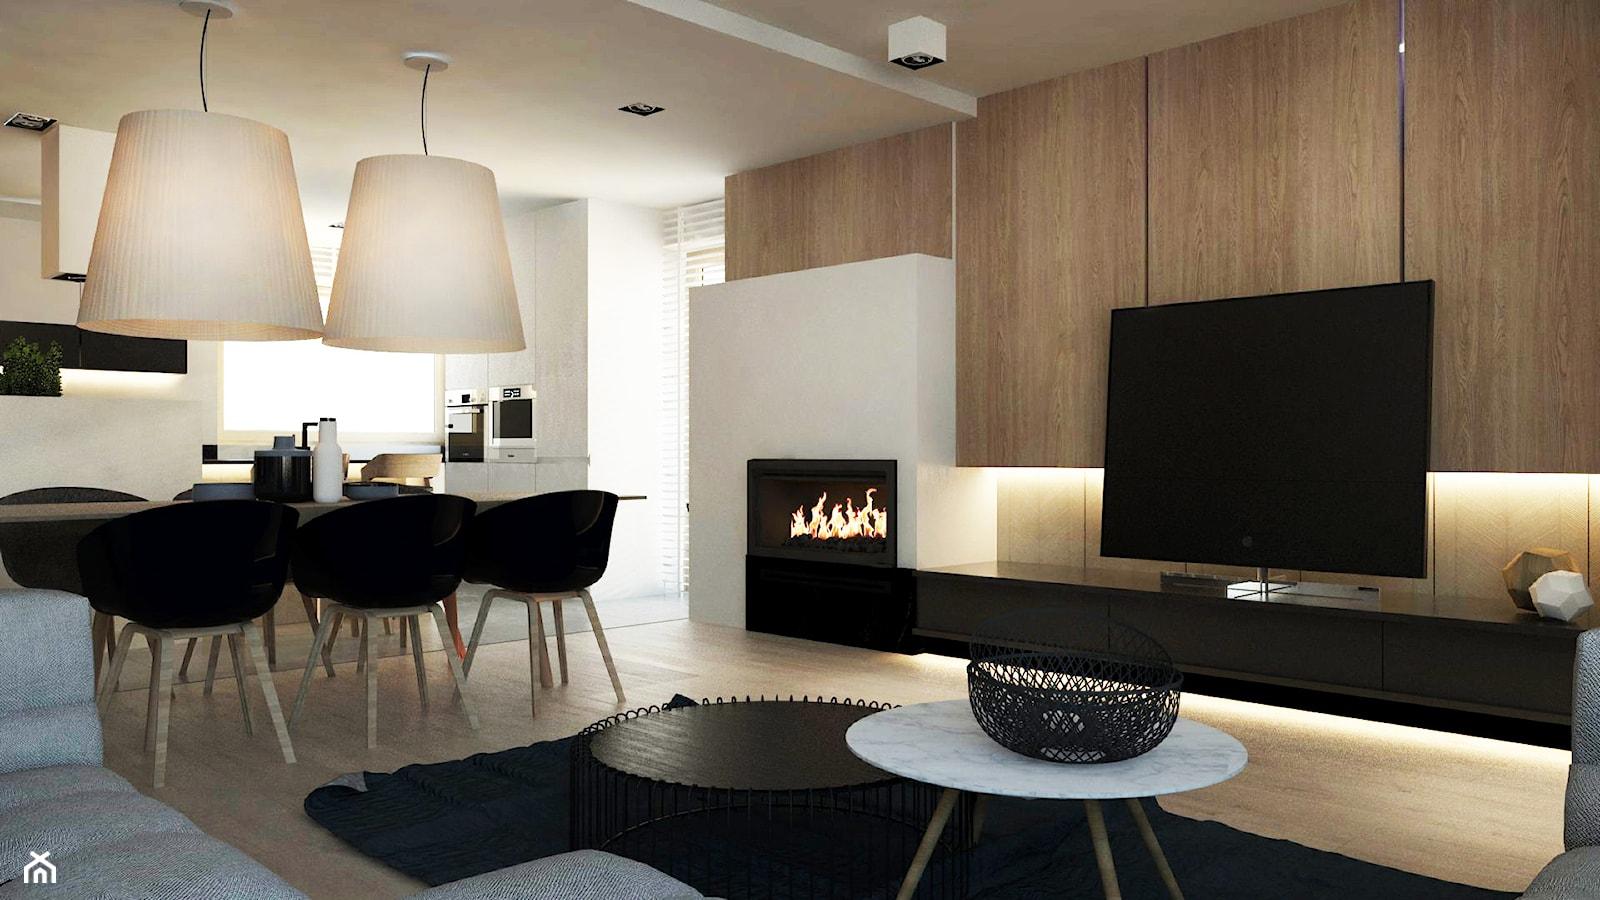 DOM JEDNORODZINNY / SZCZECIN - Duży biały salon z kuchnią z jadalnią, styl nowoczesny - zdjęcie od A2 STUDIO pracownia architektury - Homebook